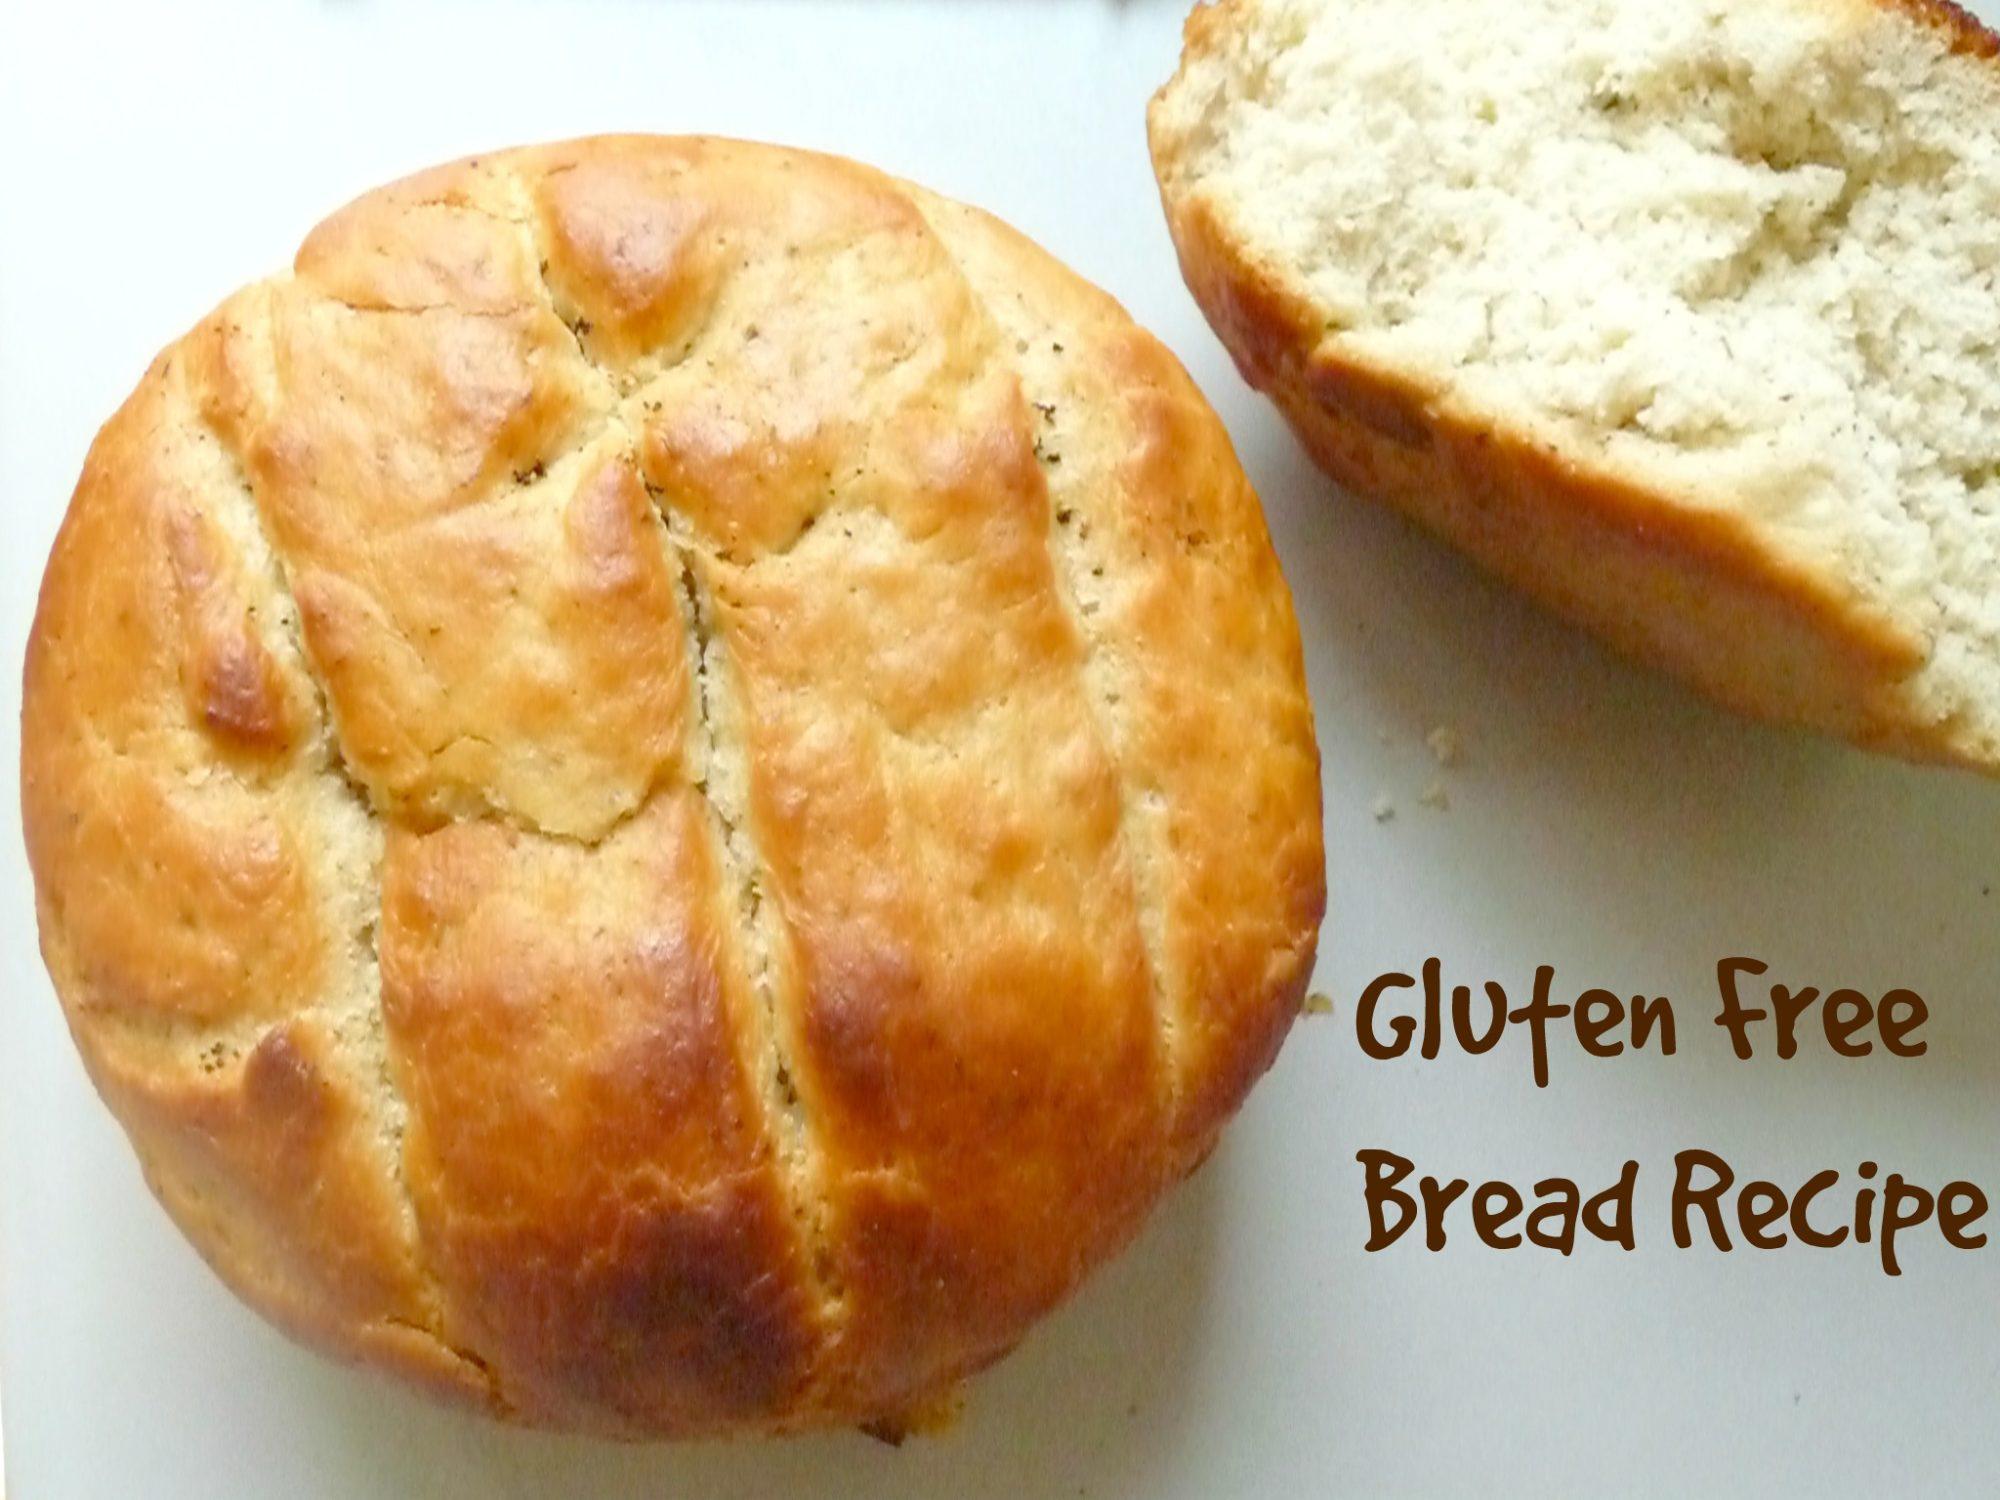 Gluten Free Bread Recipe The Seaman Mom